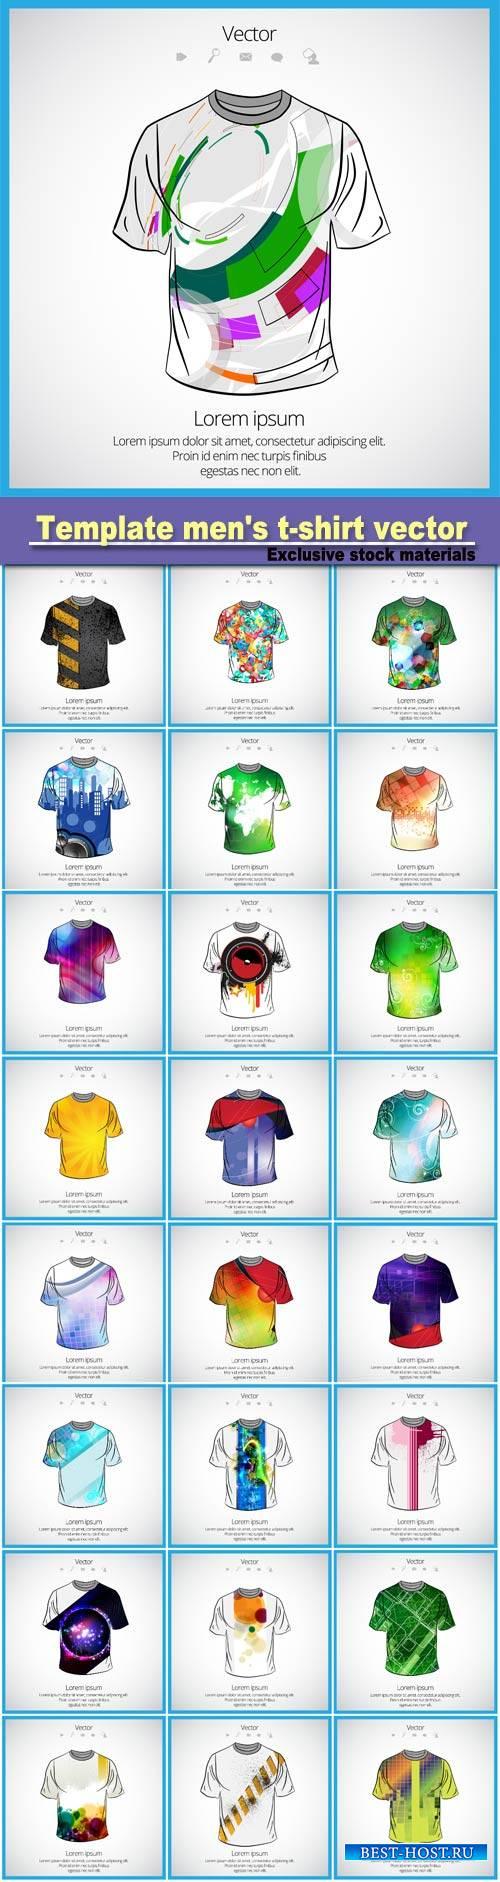 Template men's t-shirt vector